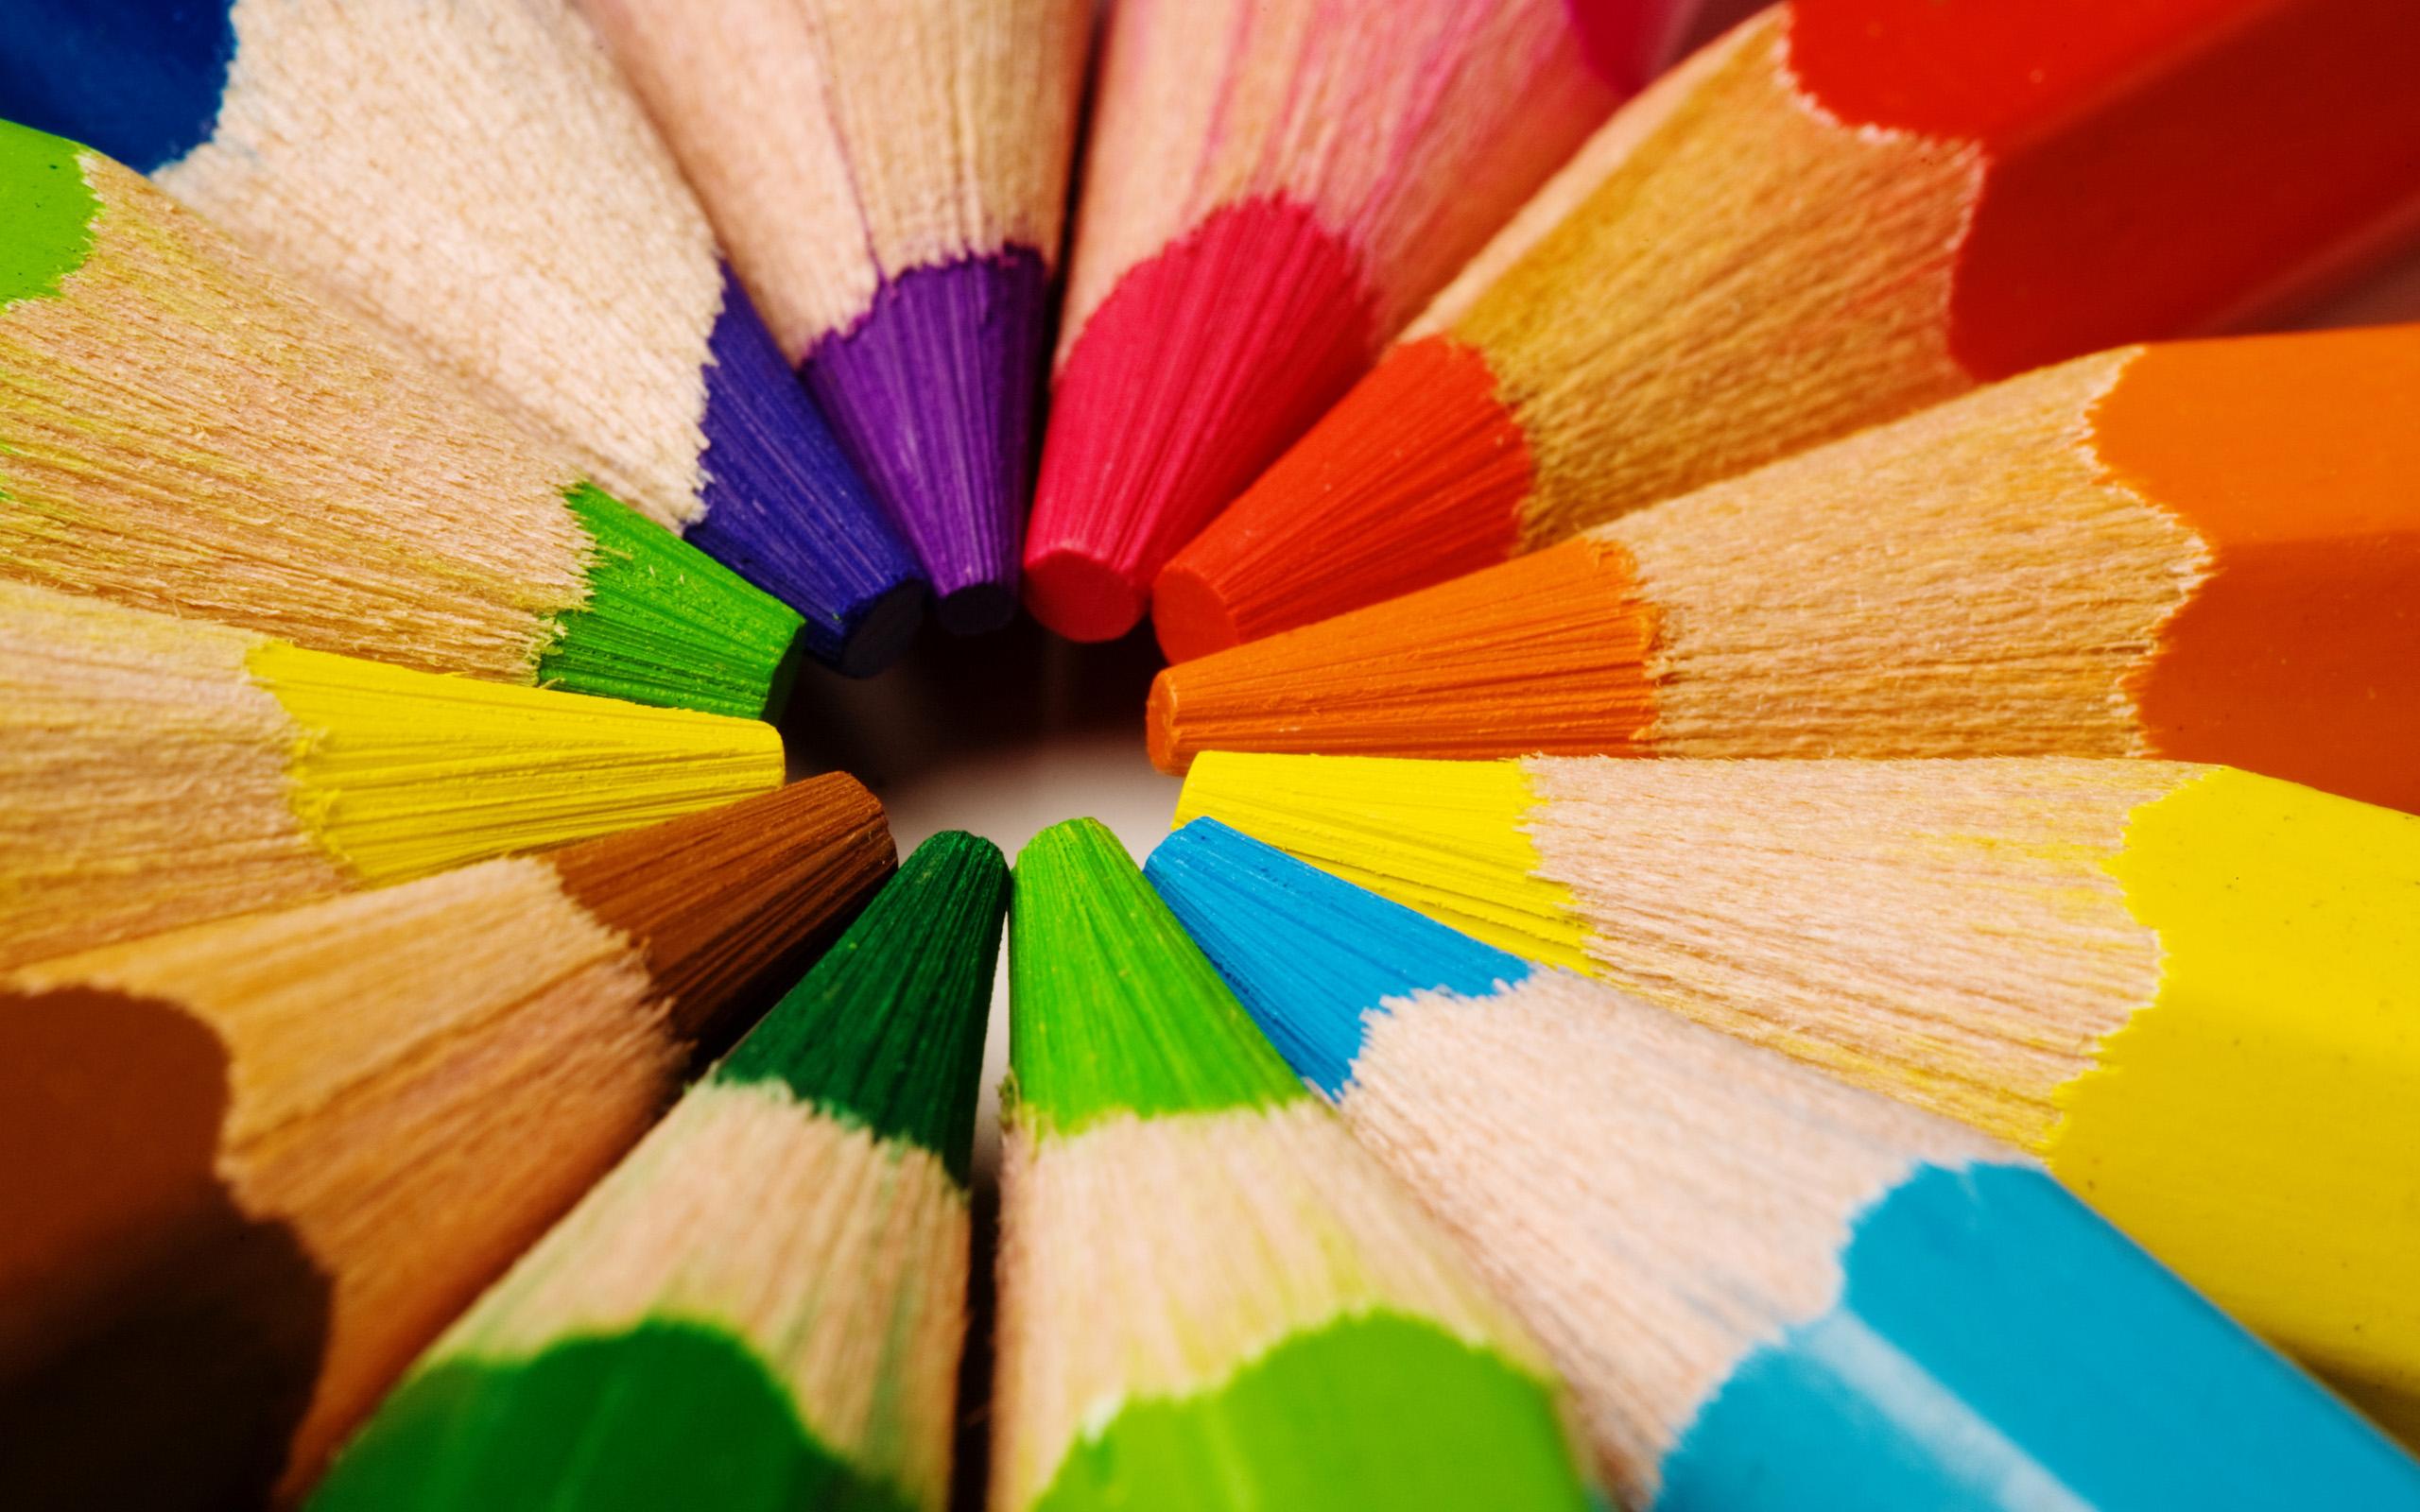 Web Tasarımda Renk Seçimi - Psikolojik Etkiler